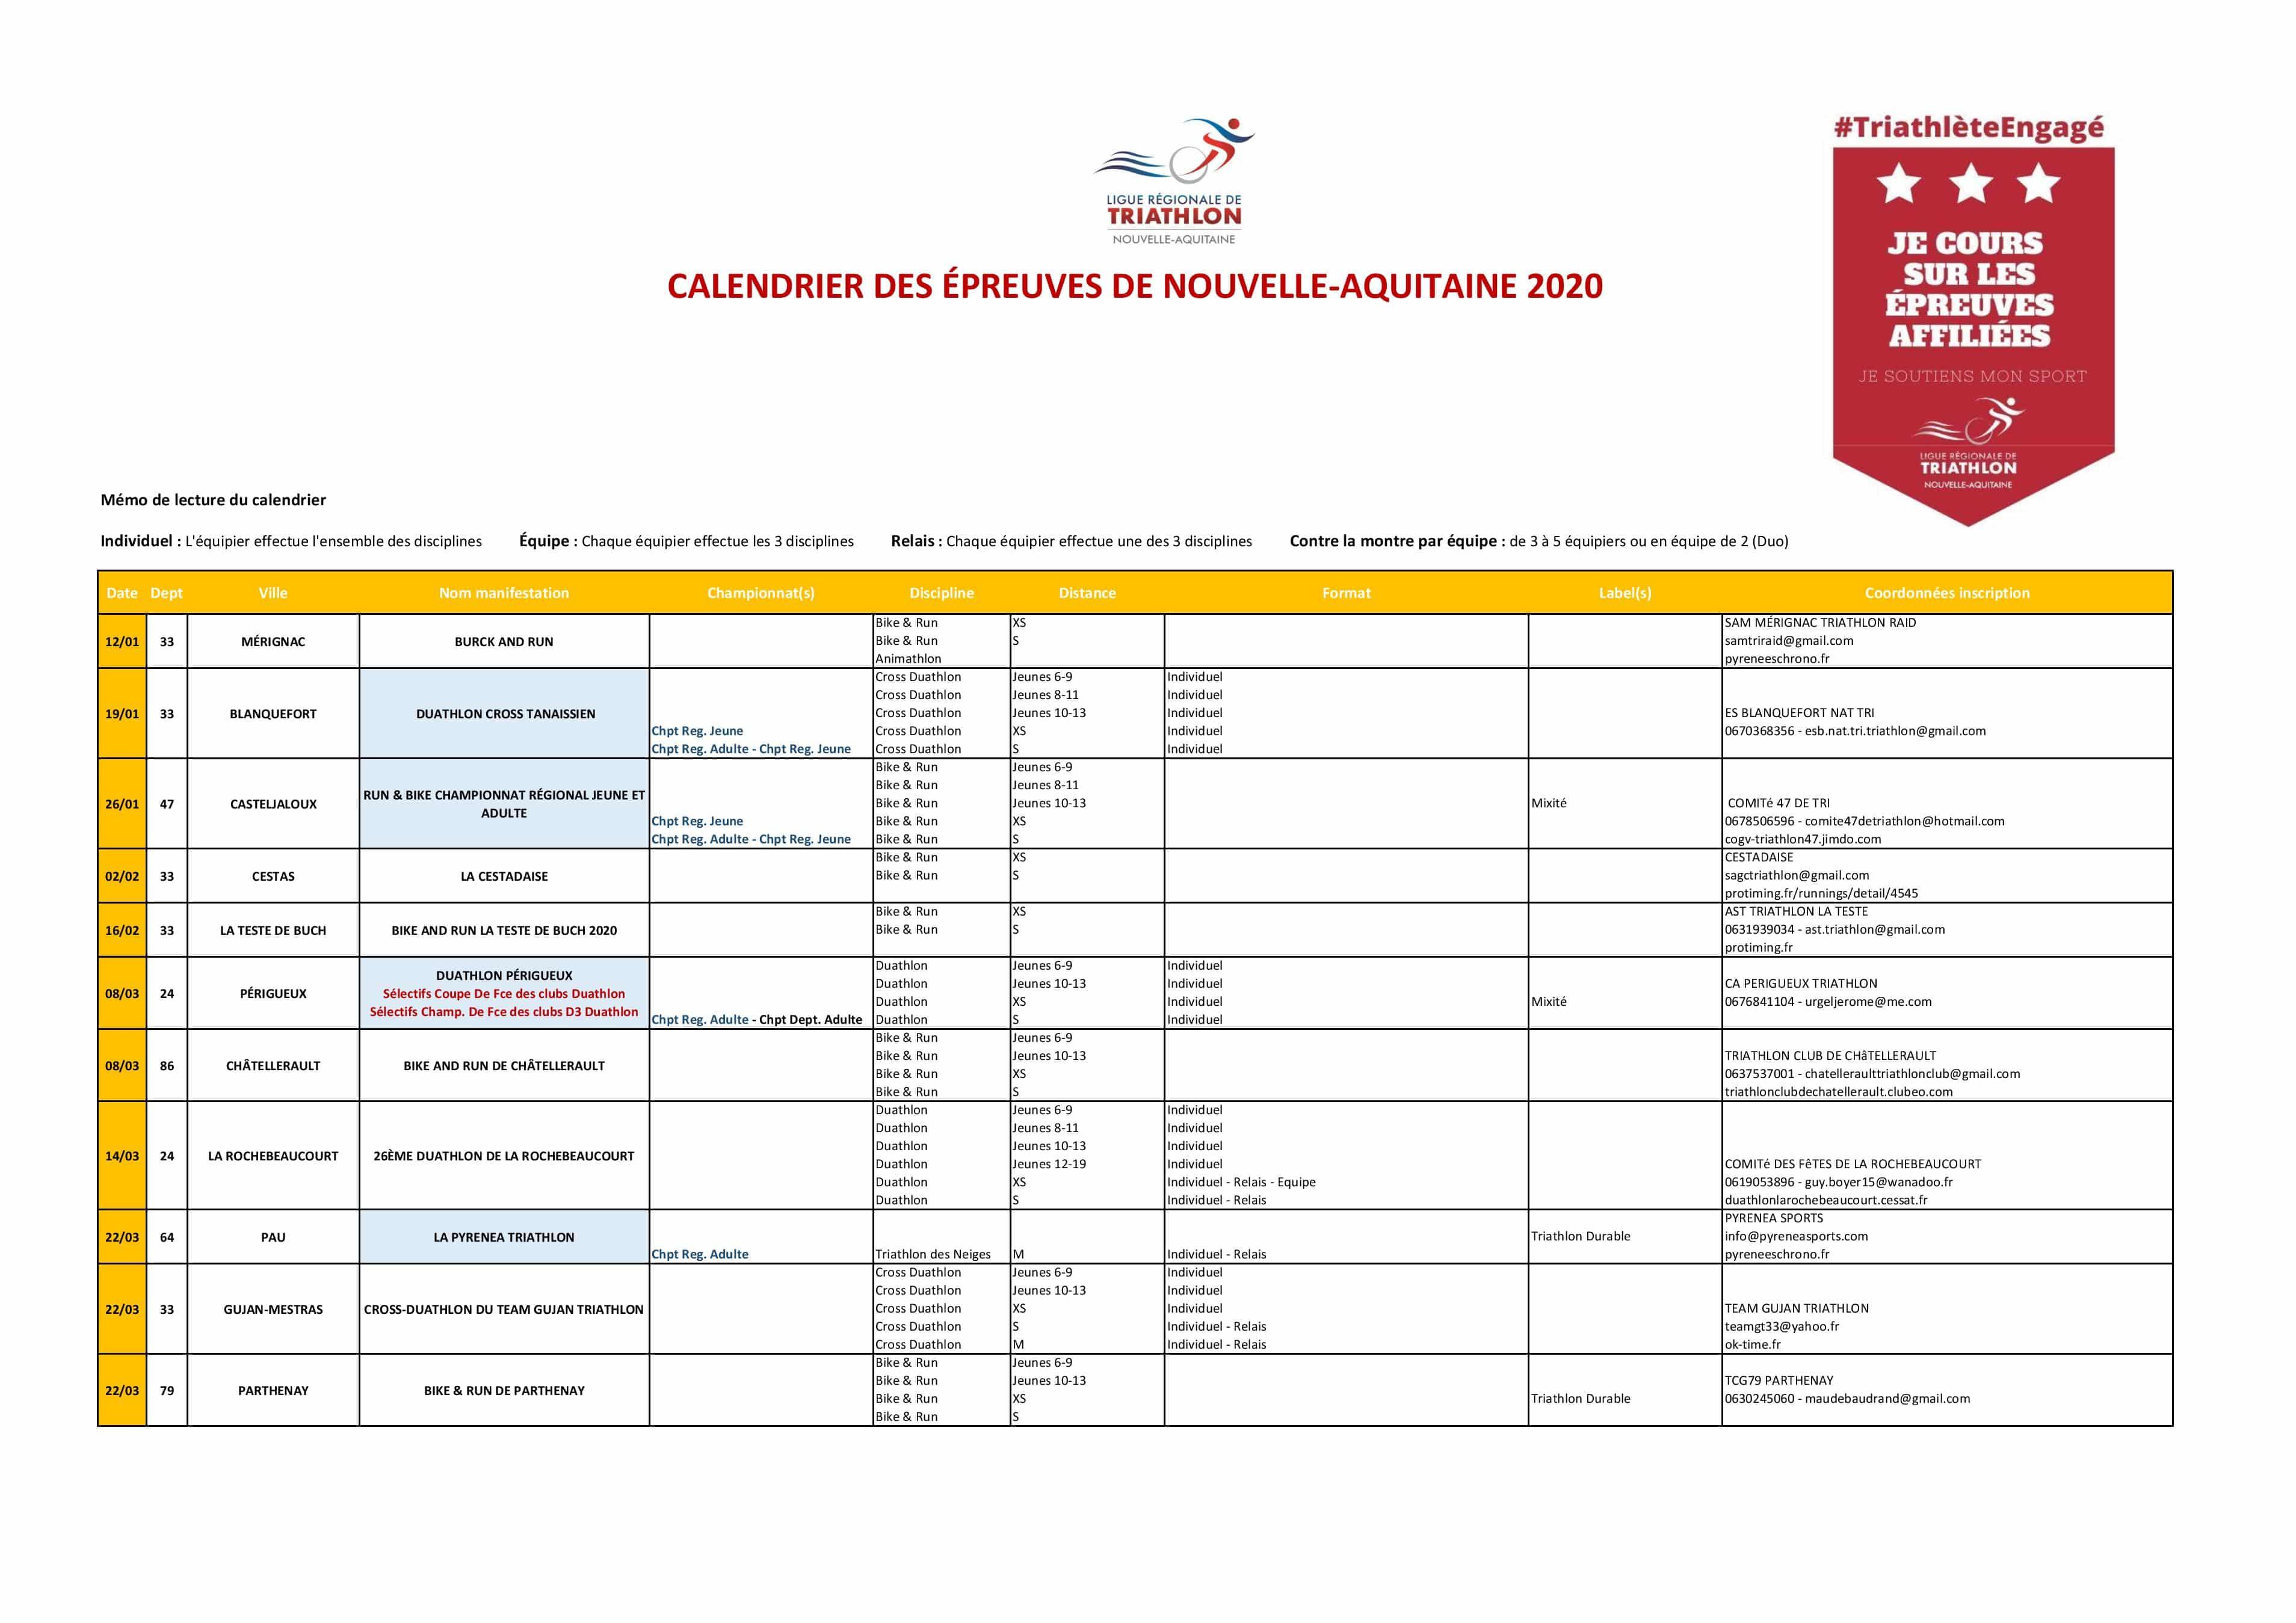 CALENDRIER DES ÉPREUVES DE NOUVELLE AQUITAINE SAISON 2020   Ligue